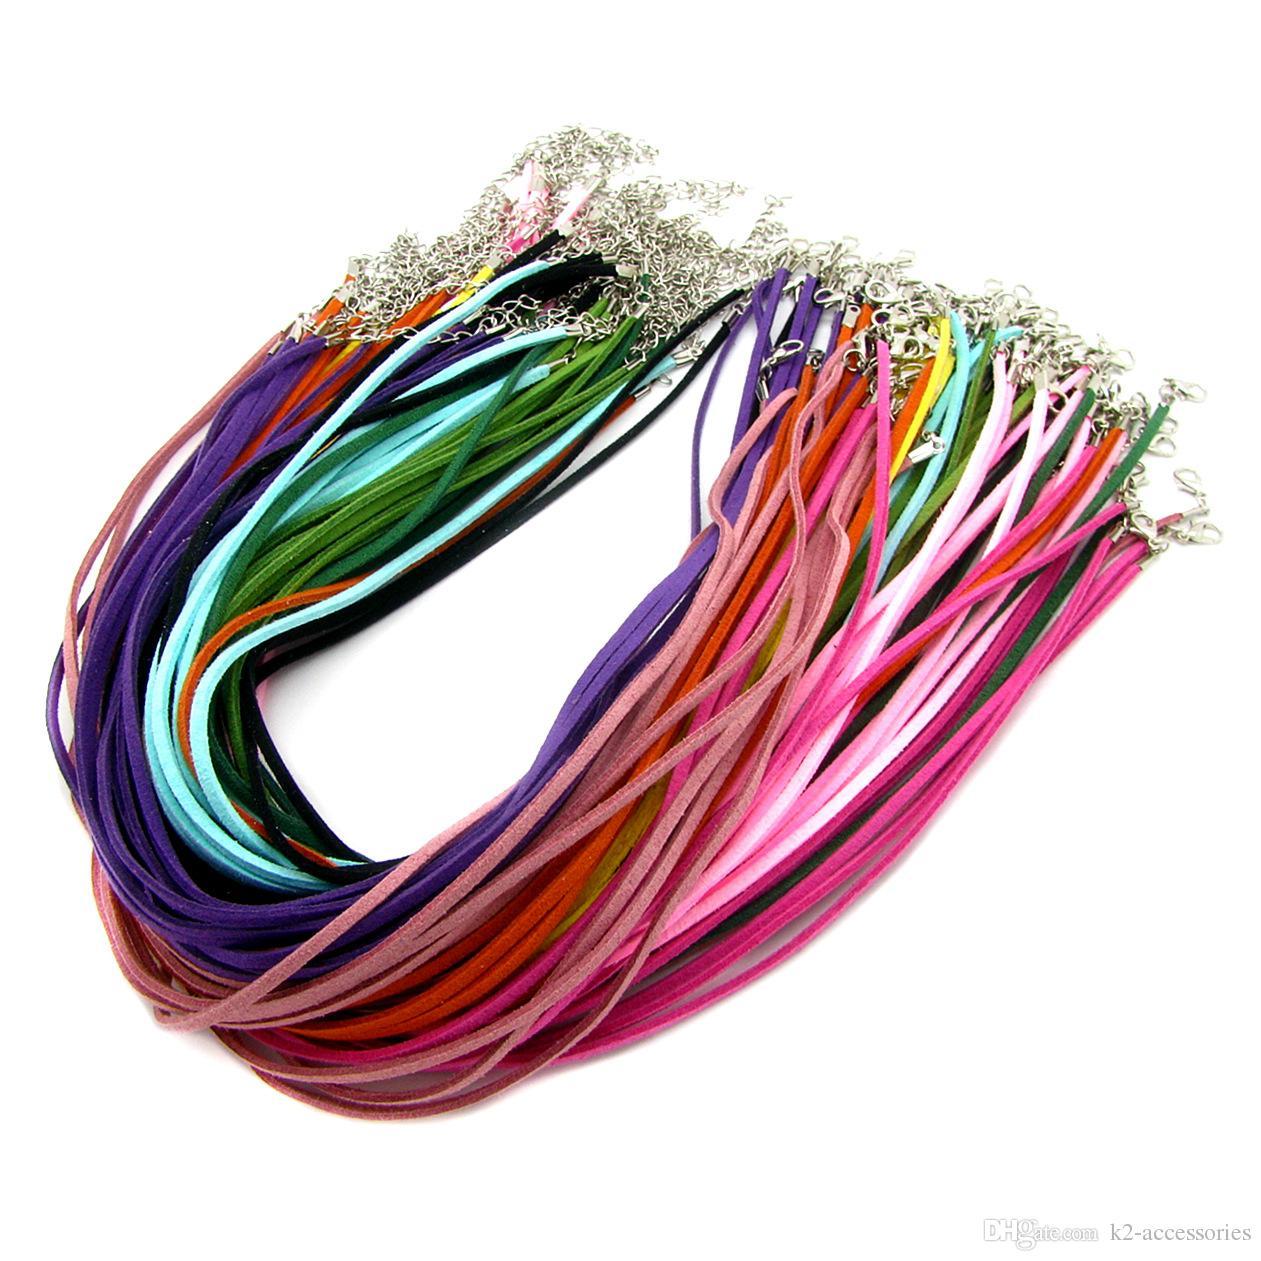 100pcs التي / الكثير 3MM الجلد المدبوغ الحبل لون المزيج الكورية المخملية الحبل سلسلة حبل قلادة المشبك جراد البحر DIY صنع المجوهرات